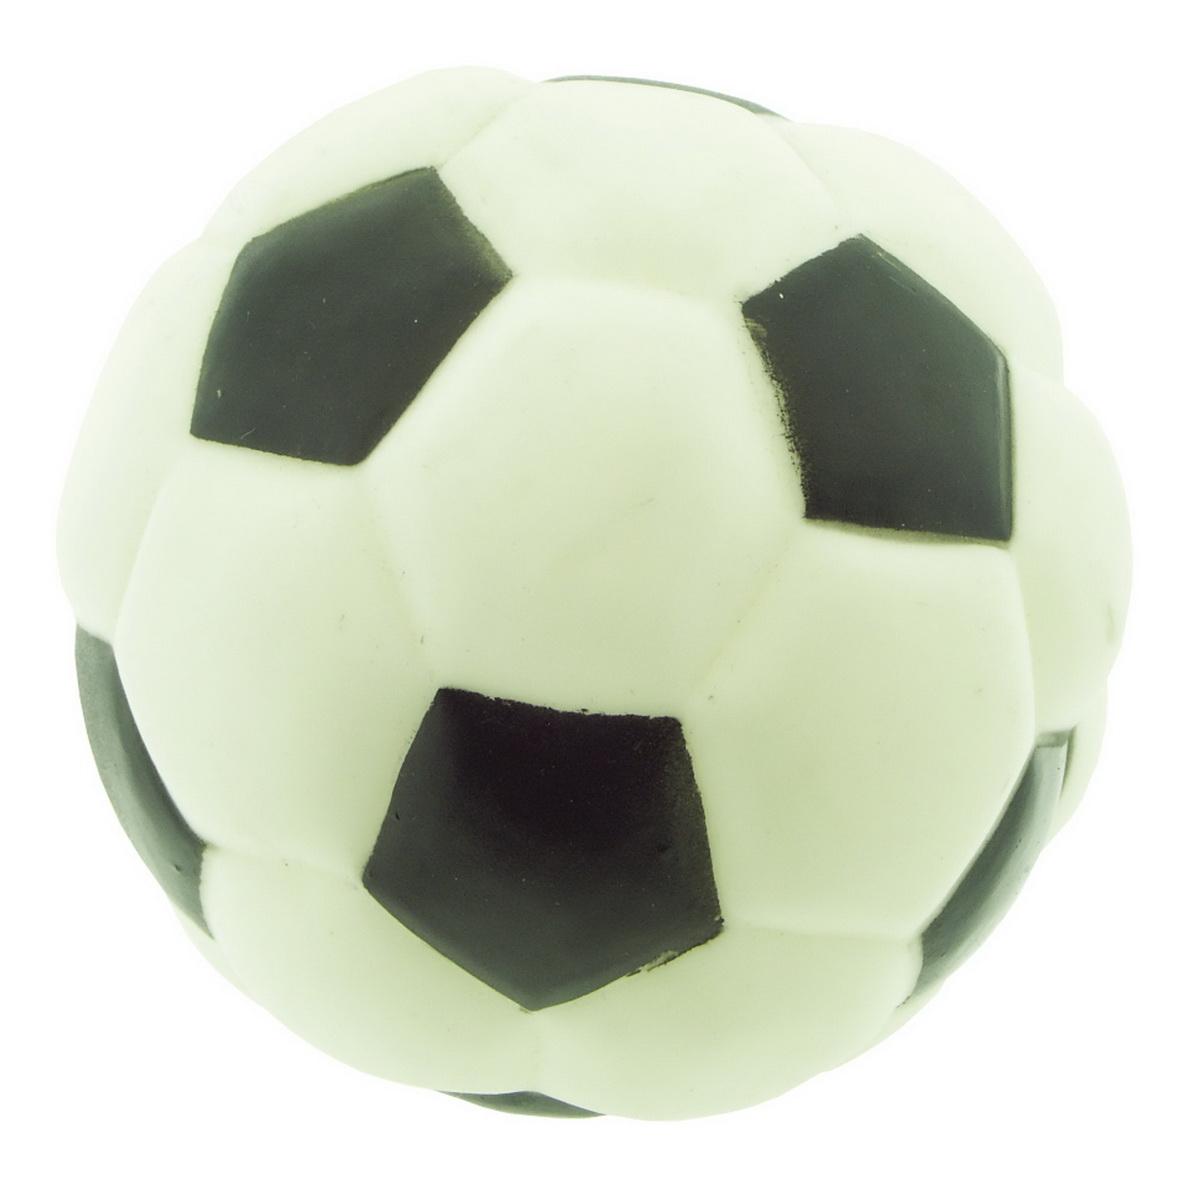 Игрушка для собак Dezzie Мяч. Футбол, диаметр 10,8 см515Игрушка для собак Dezzie Мяч. Футбол изготовлена из винила в виде футбольного мяча. Такая игрушка практична, функциональна и совершенно безопасна для здоровья животного. Ее легко мыть и дезинфицировать. Игрушка очень легкая, поэтому собаке совсем нетрудно брать ее в пасть и переносить с места на место. Игрушка для собак Dezzie Мяч. Футбол станет прекрасным подарком для неугомонного четвероногого питомца.Диаметр мяча: 10,8 см.